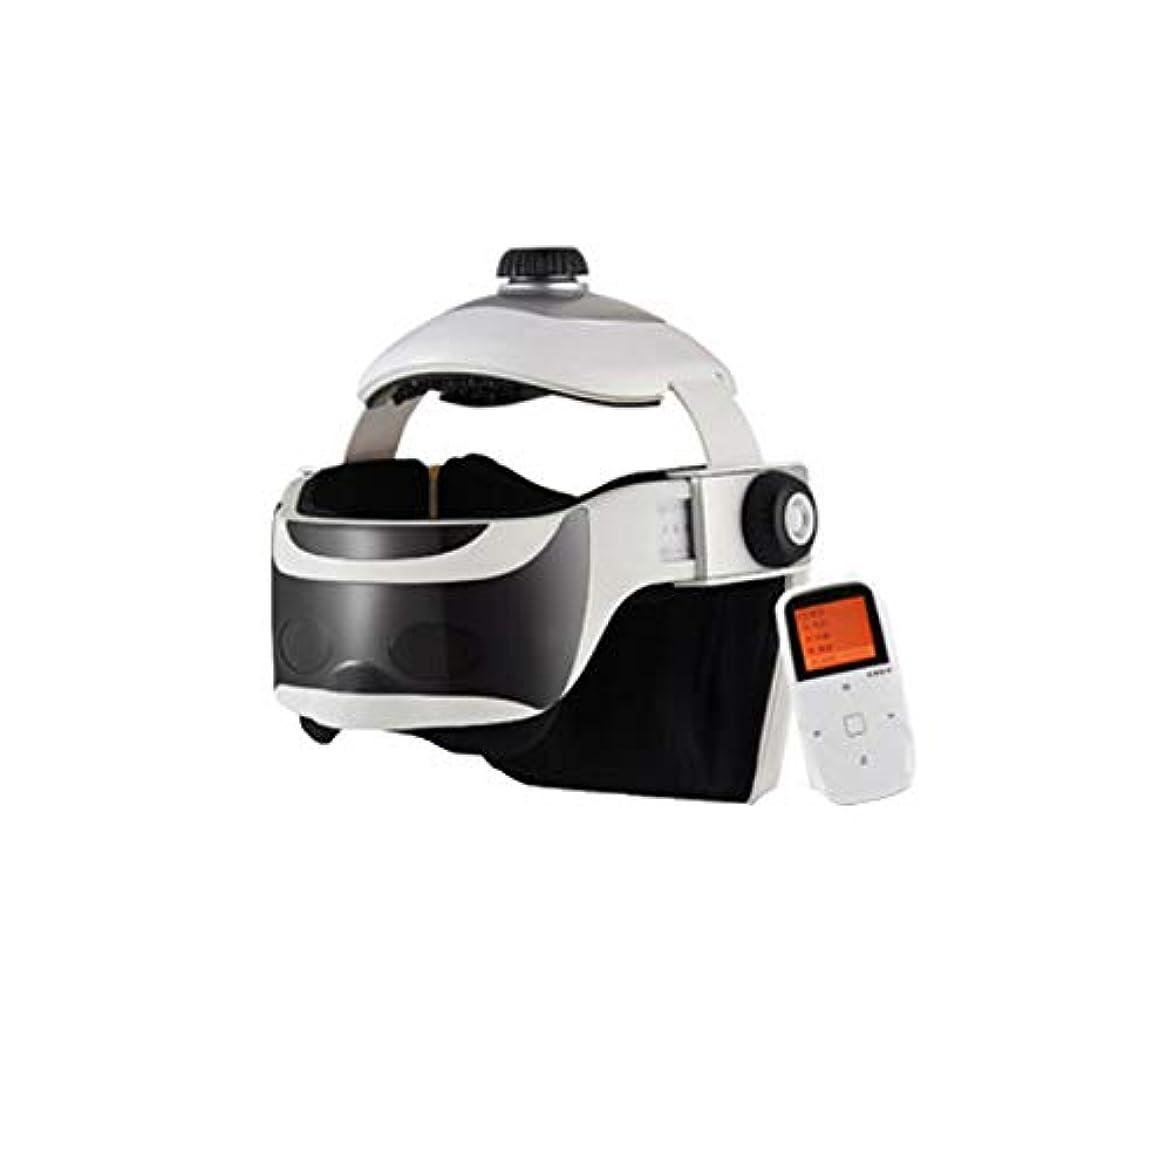 シェーバー義務づけるマウスピースマッサージャー - マッサージャーホーム練り頭皮マッサージヘルメット (色 : Wireless version)